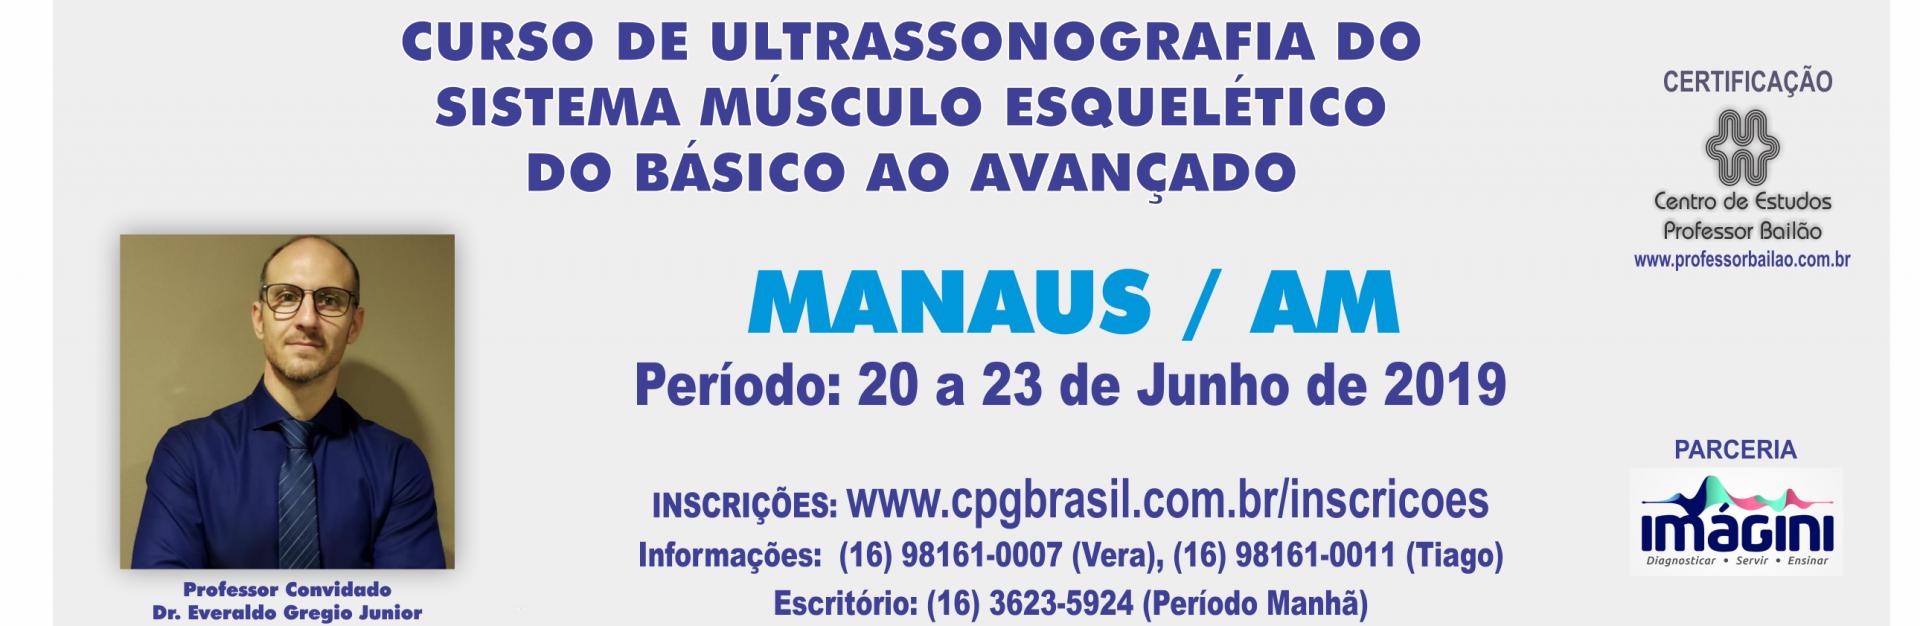 CURSO DE ULTRASSONOGRAFIA DO  SISTEMA M�SCULO ESQUEL�TICO  DO B�SICO AO AVAN�ADO - MANAUS/AM